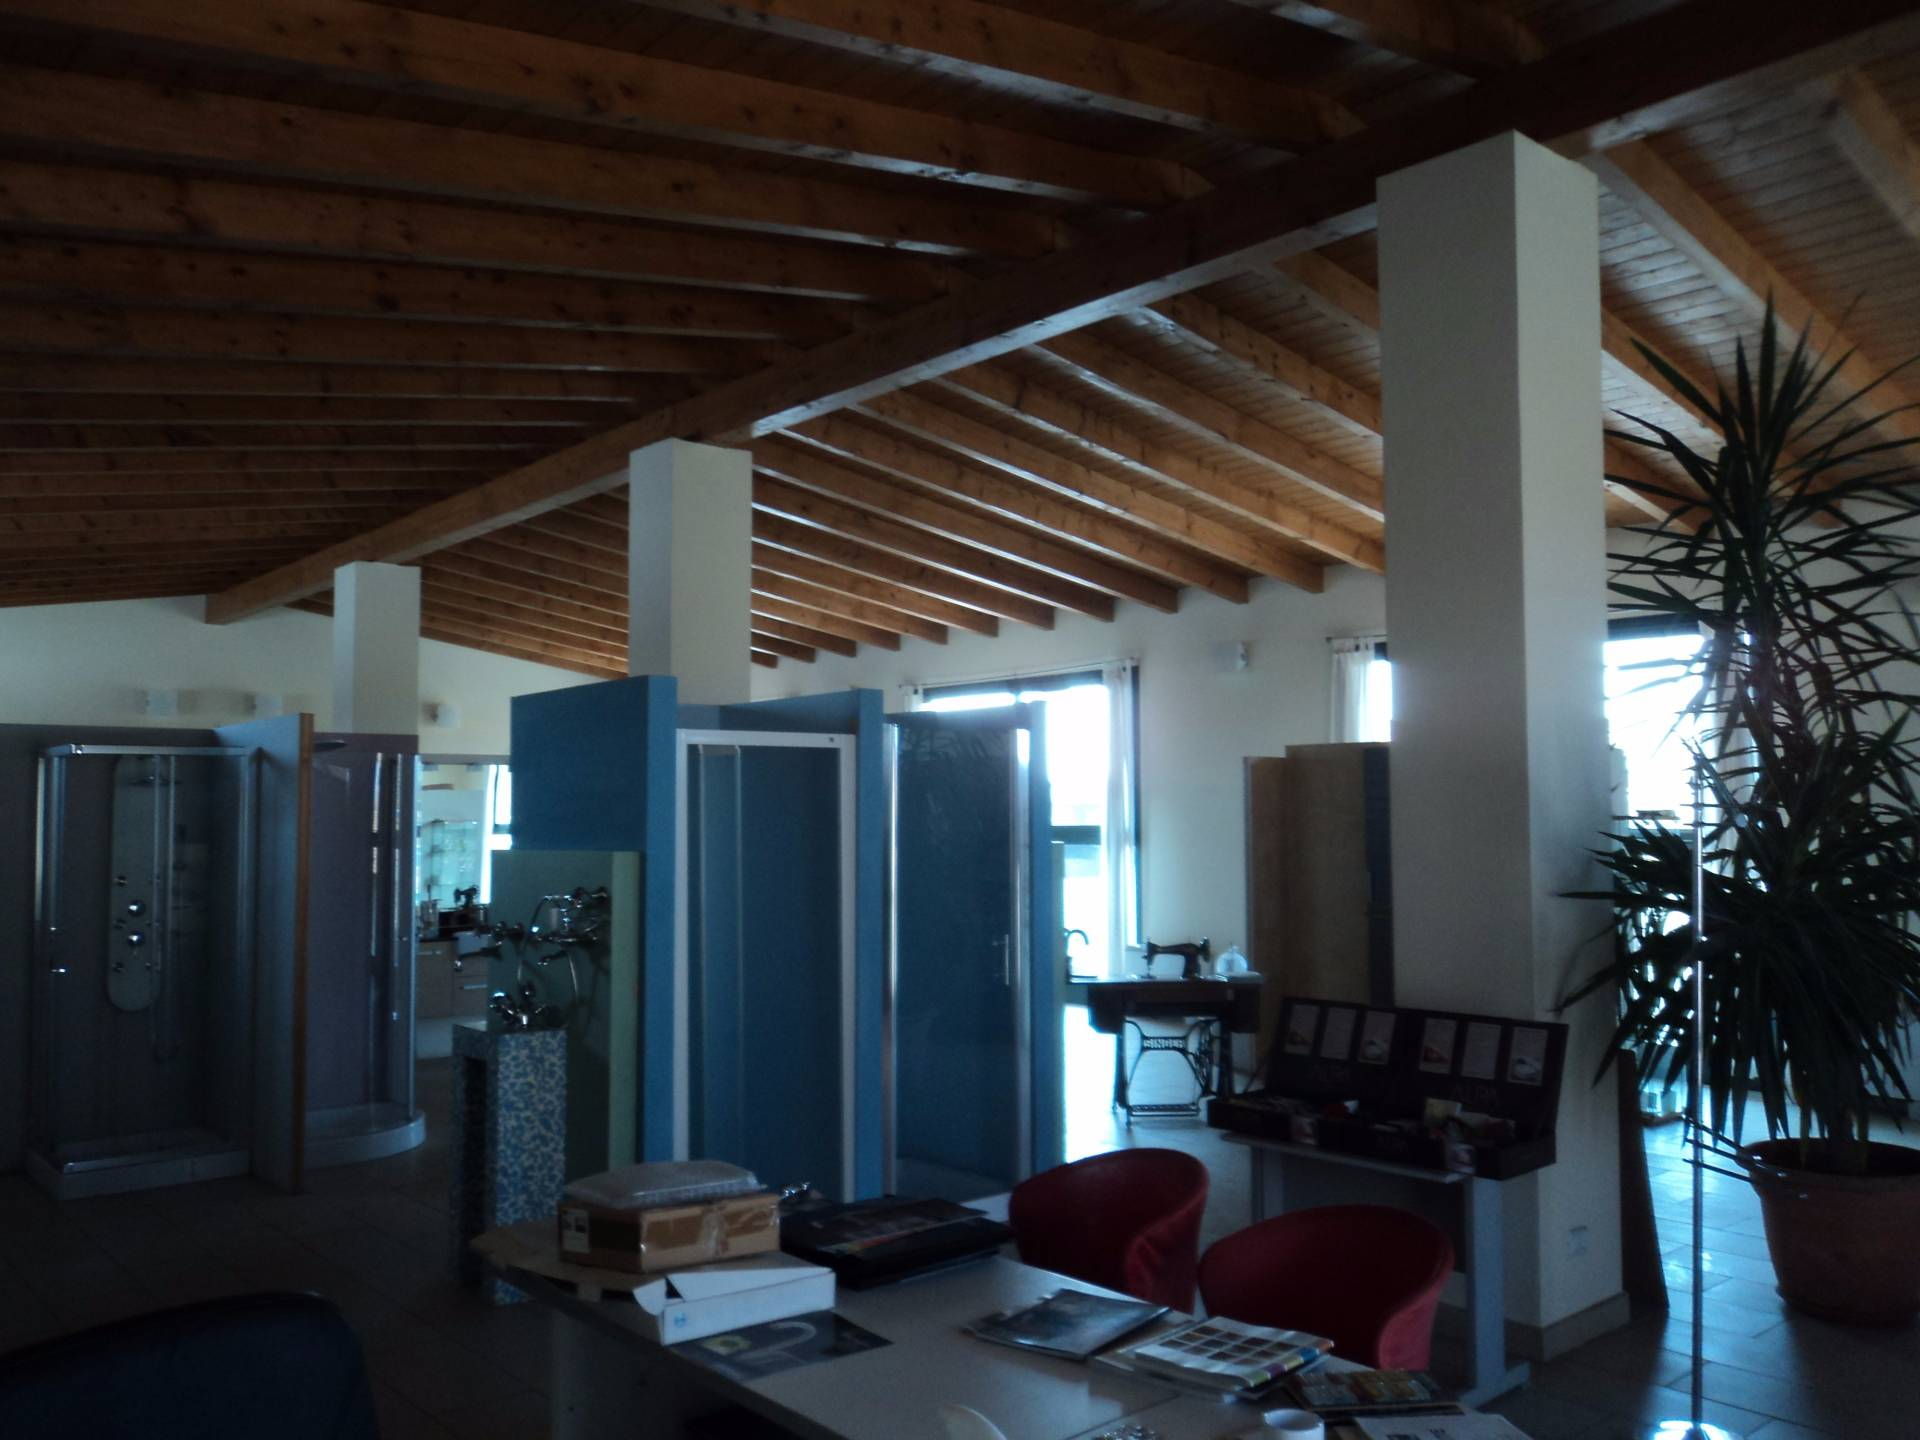 Negozio / Locale in affitto a Galliate, 9999 locali, prezzo € 399.000 | CambioCasa.it